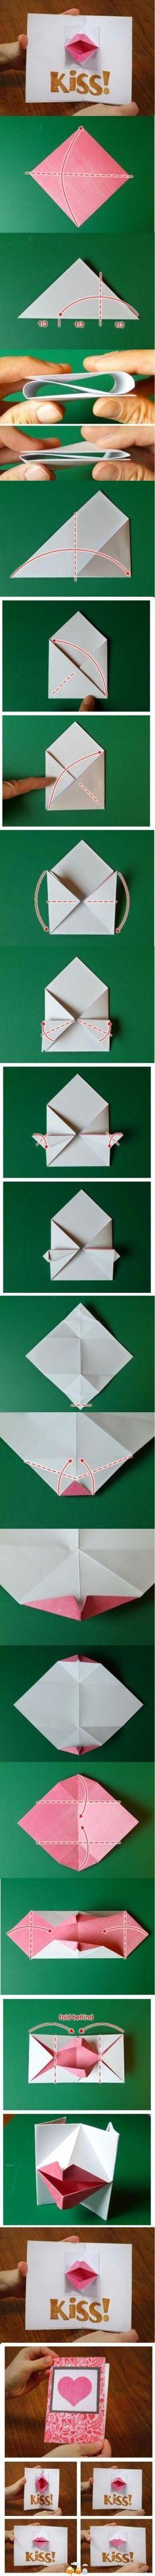 Tarjeta - Origami Beso